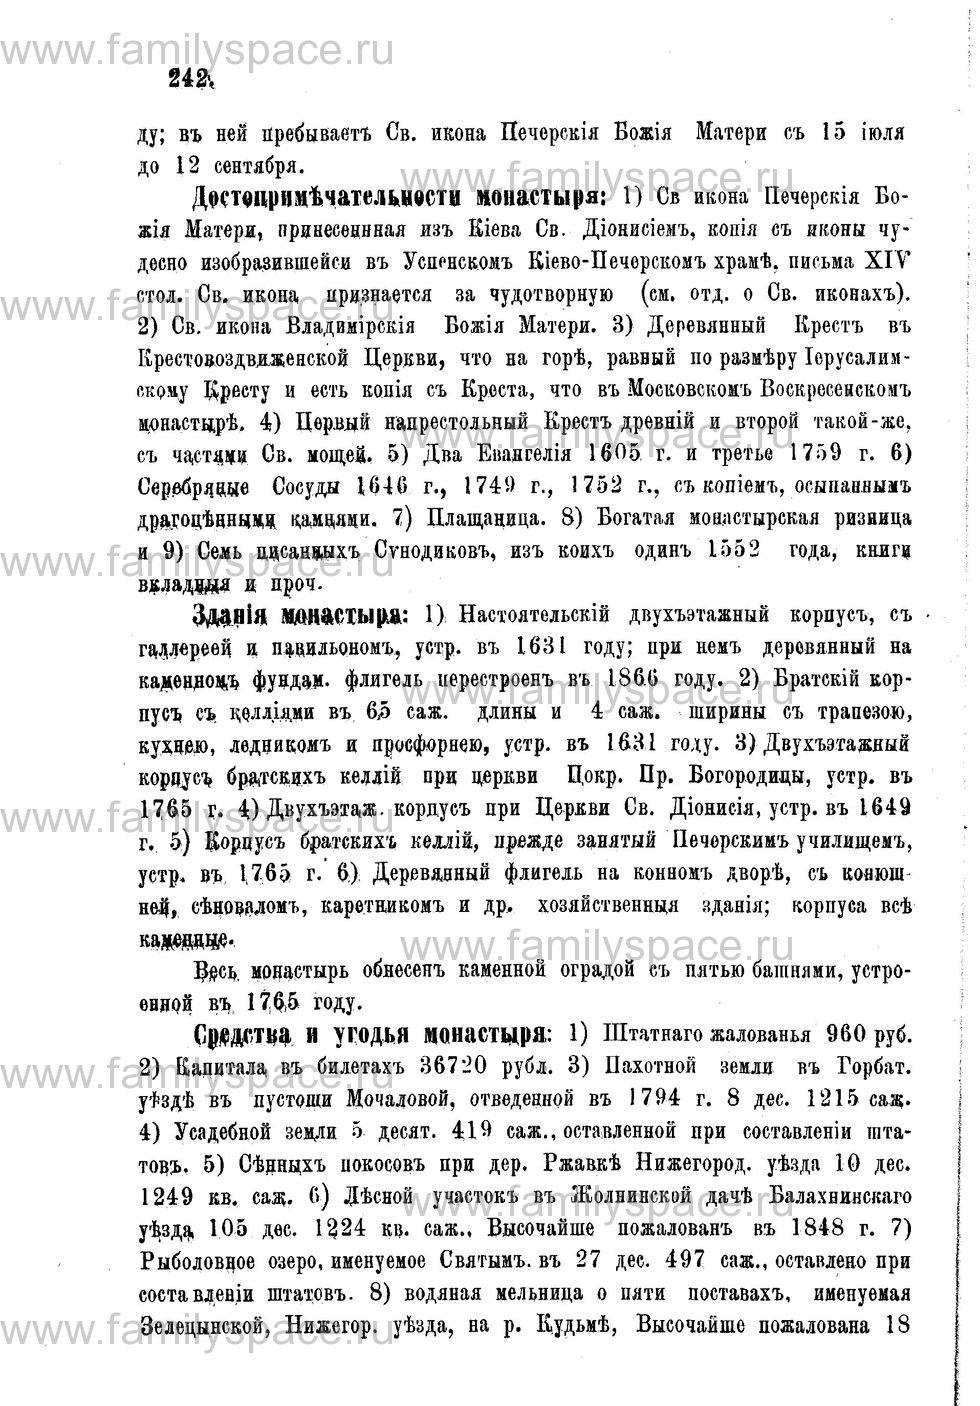 Поиск по фамилии - Адрес-календарь Нижегородской епархии на 1888 год, страница 1242